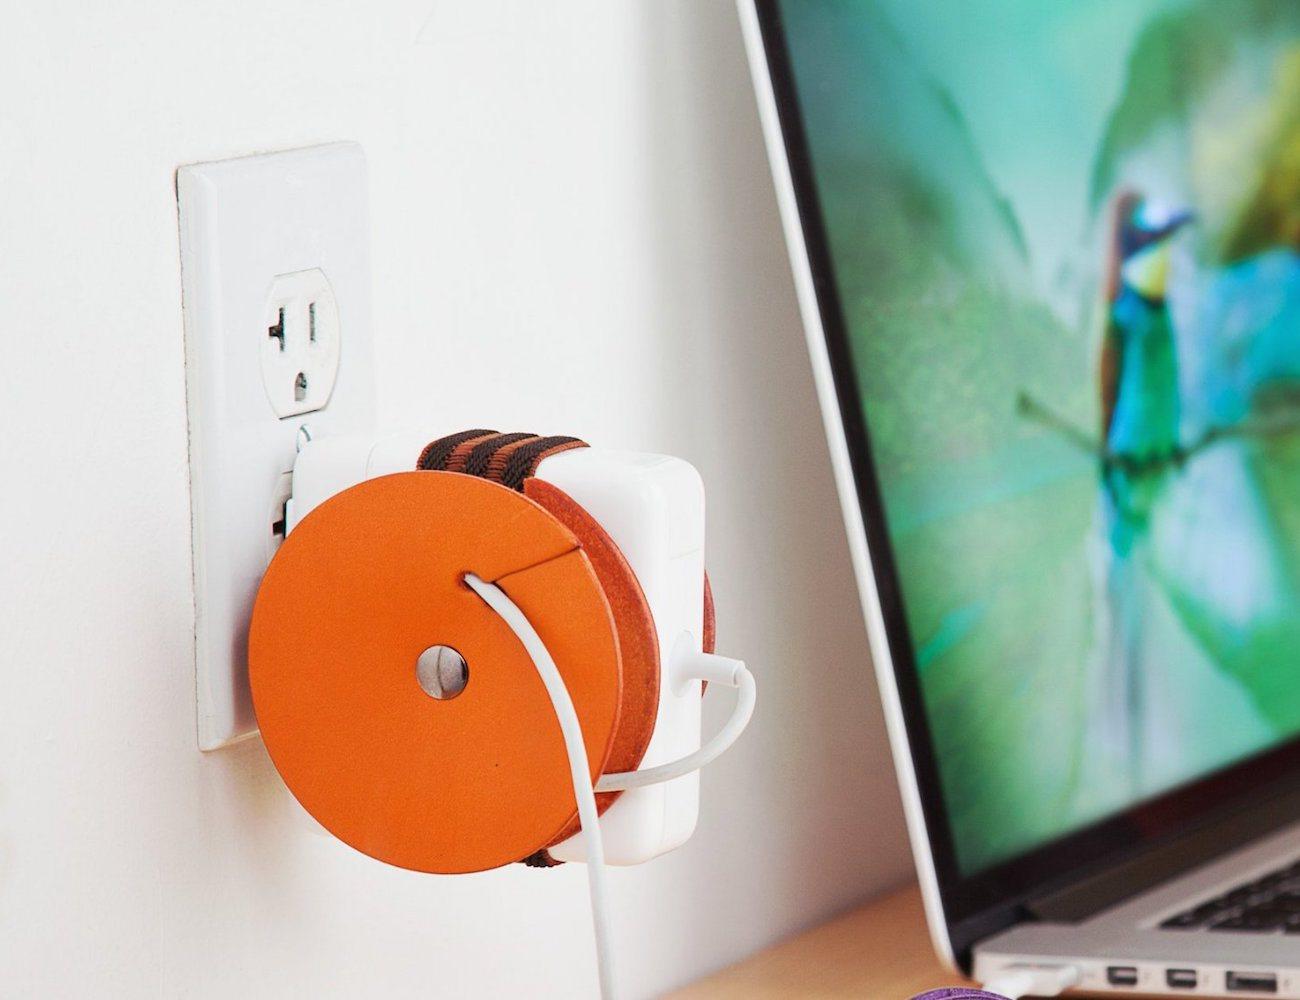 PowerPlay+%26%238211%3B+Macbook+Adapter+Cord+Organizer